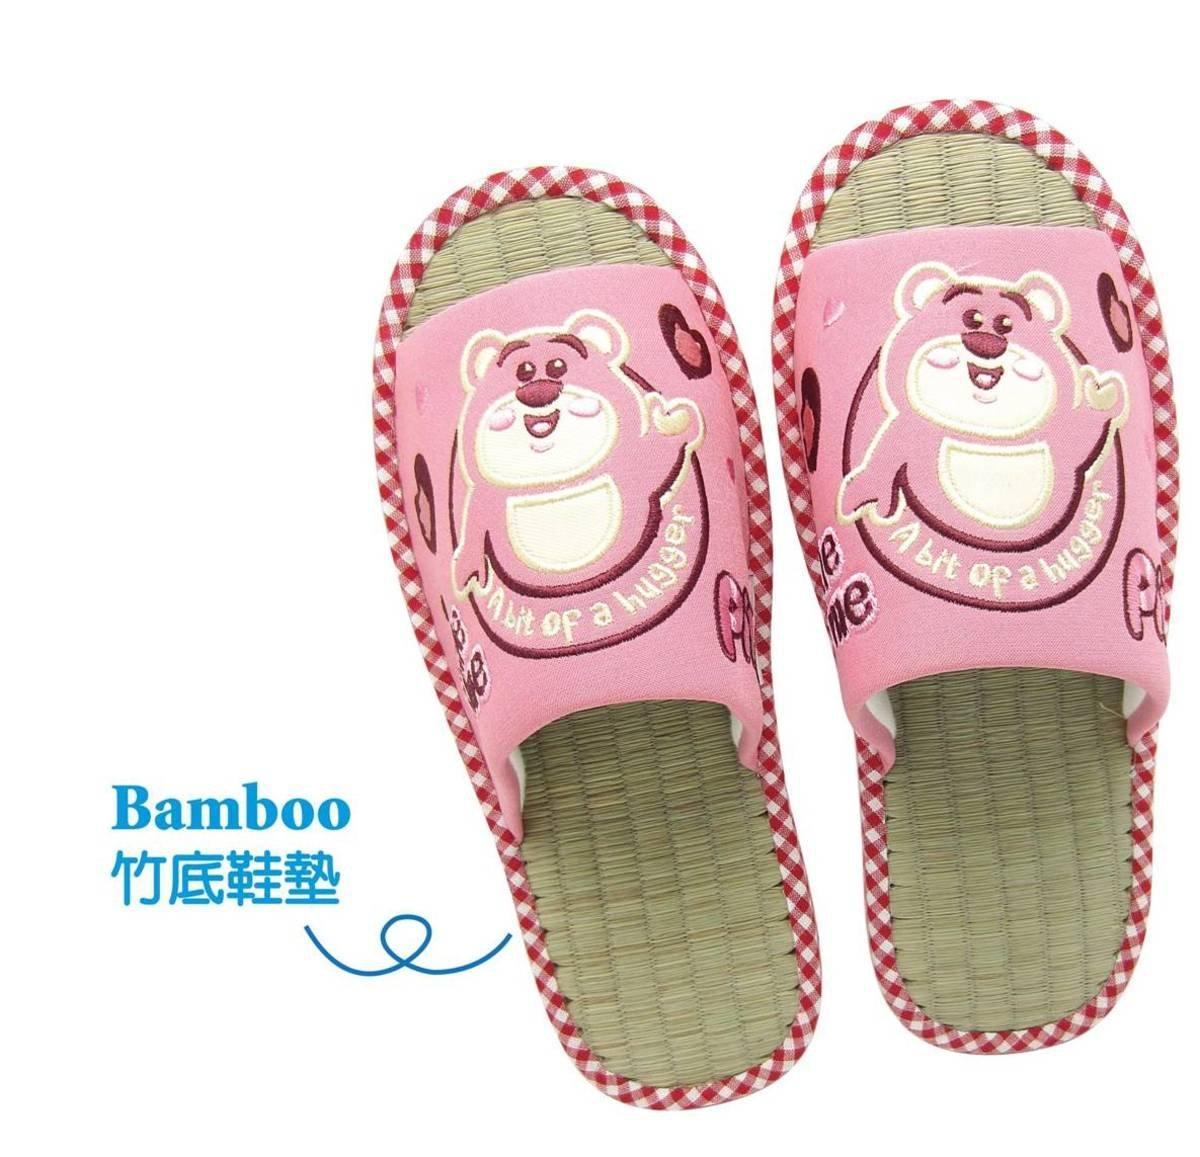 竹墊拖鞋 (勞蘇)